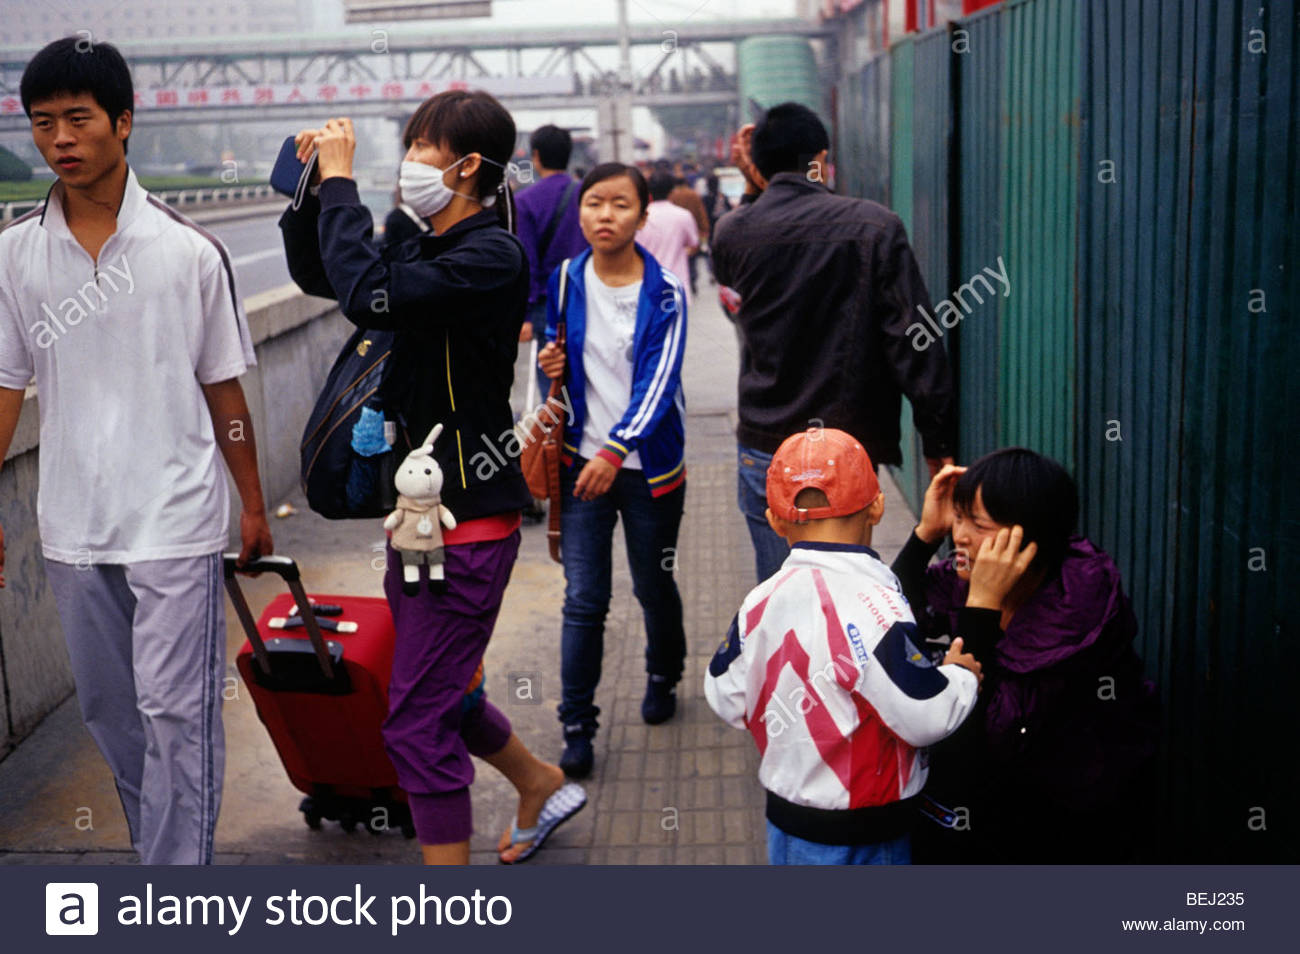 Una señorita lleva máscara de protección contra la contaminación severa en Beijing, China. 30 Imagen De Stock